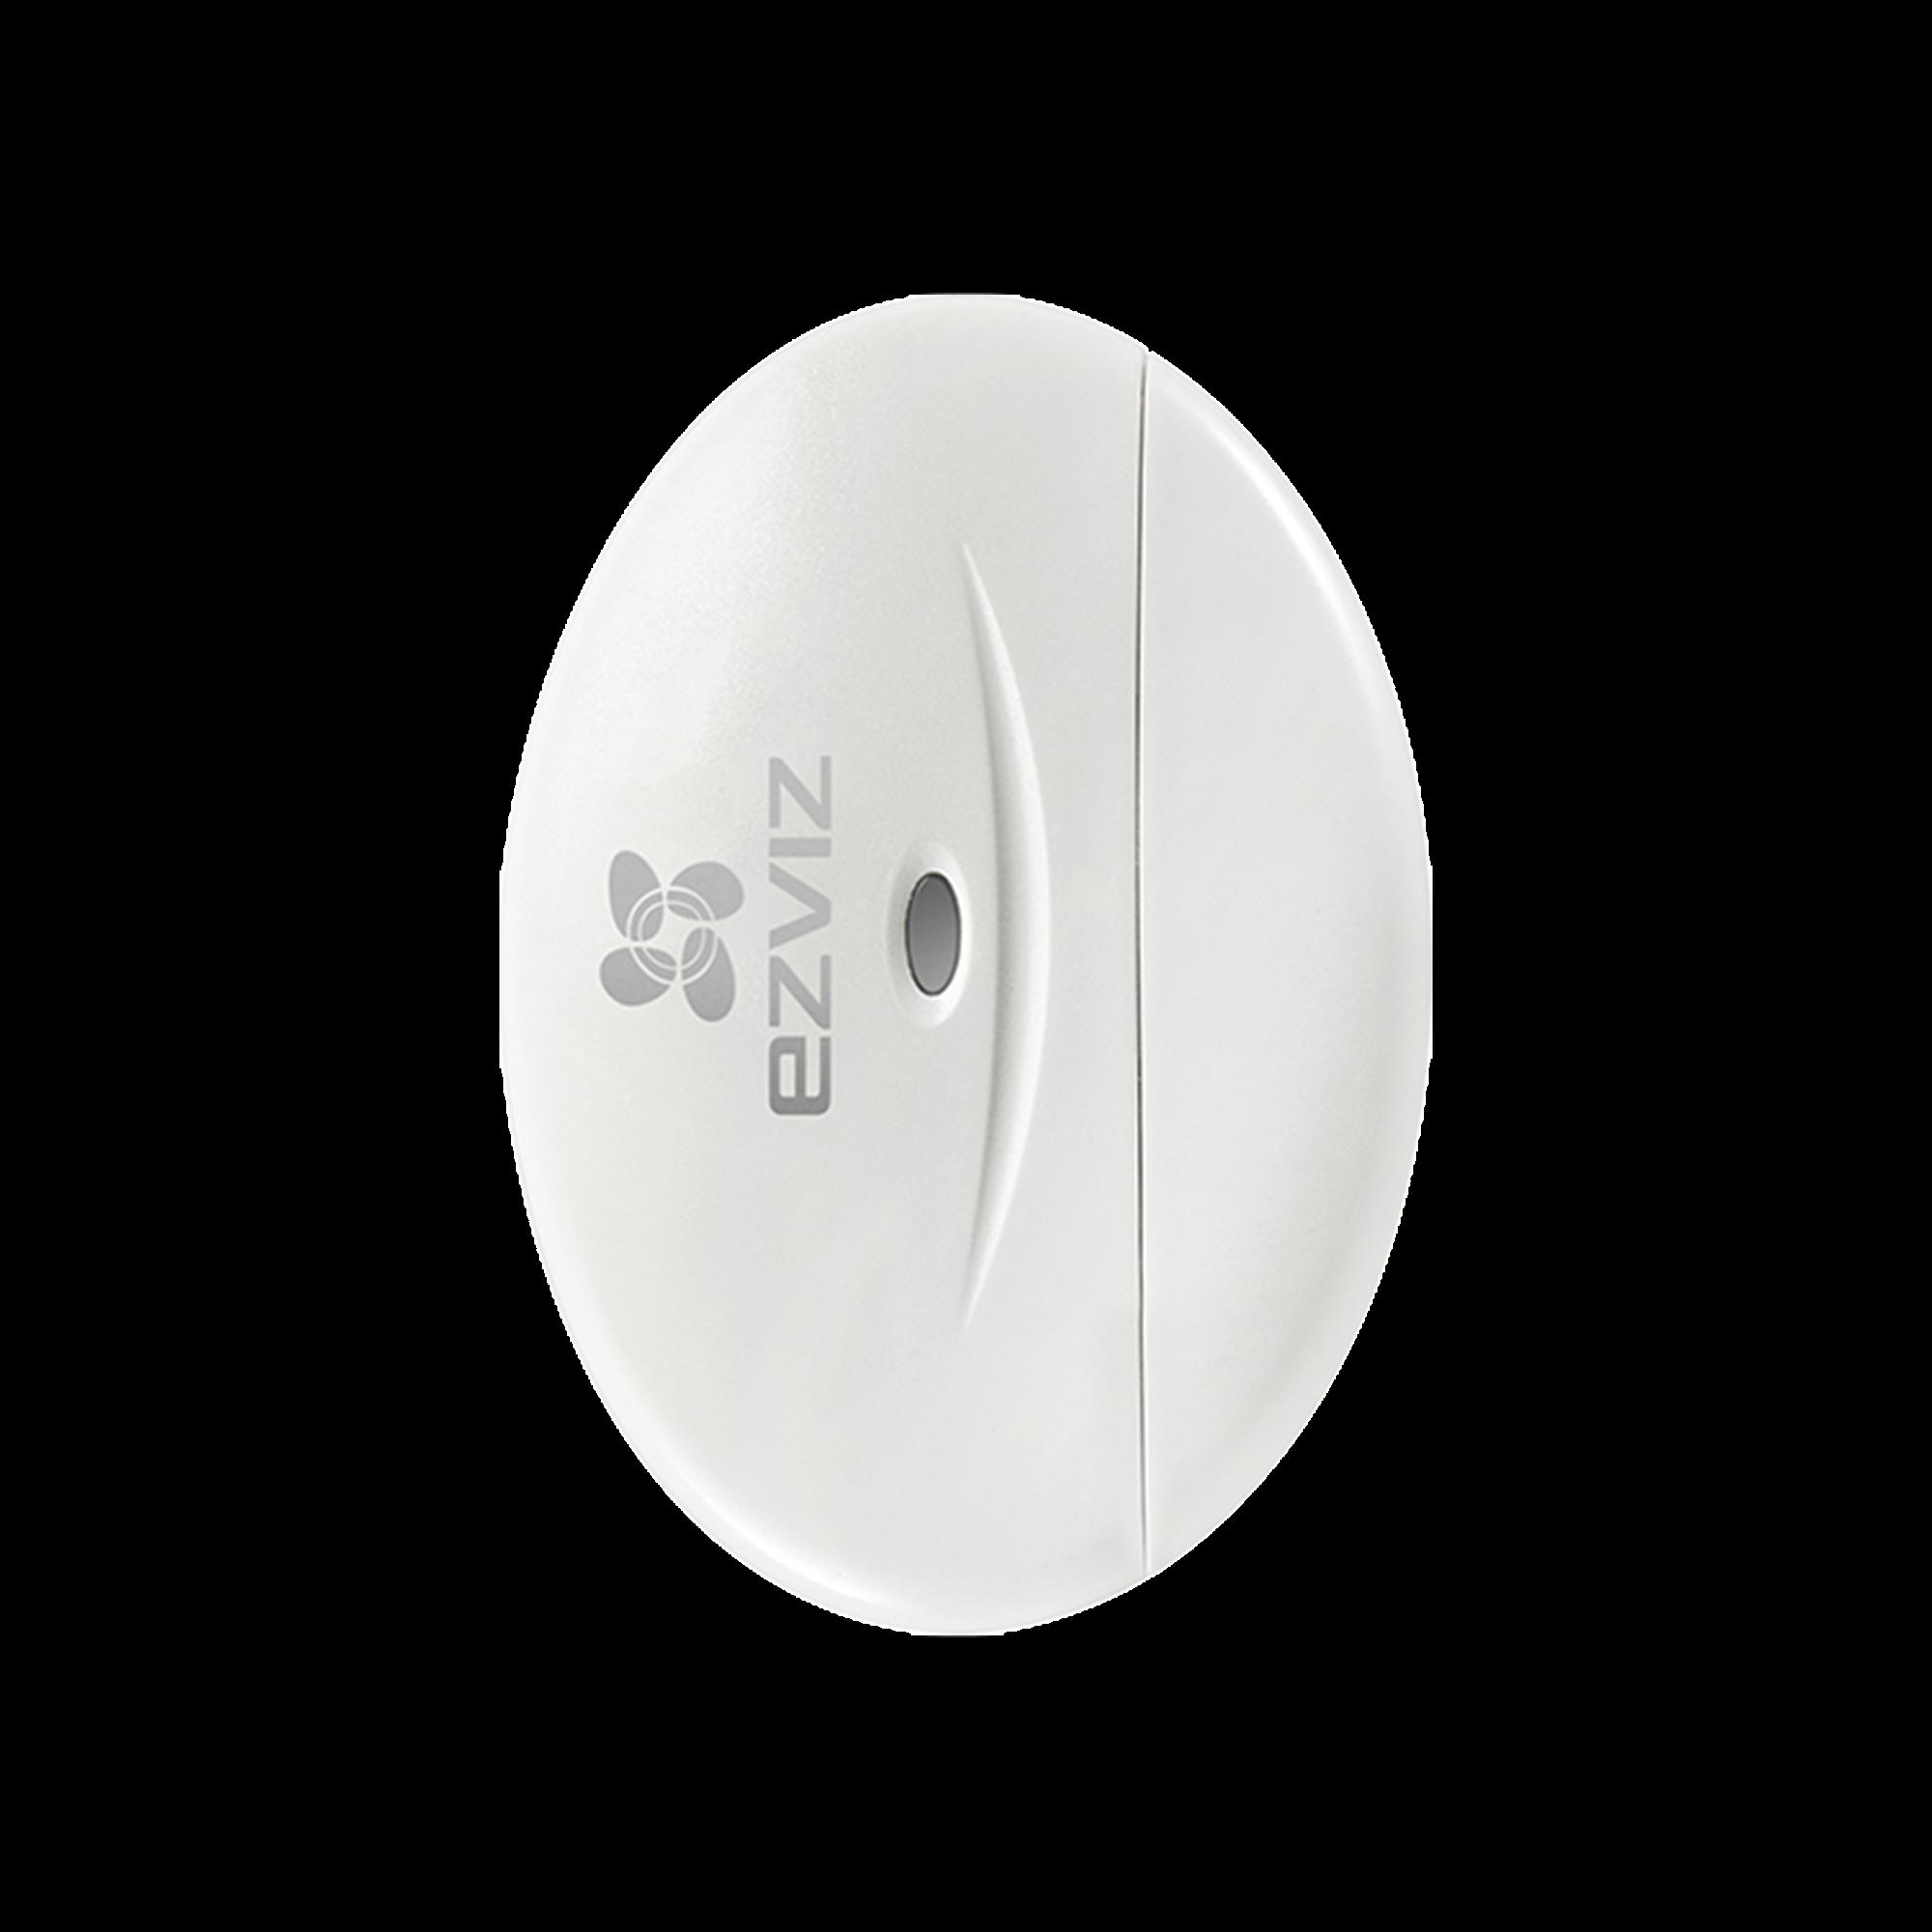 Contacto Magnético Inalambrico / Compatible con Kit de Alarmas EZVIZ / Uso en Interior